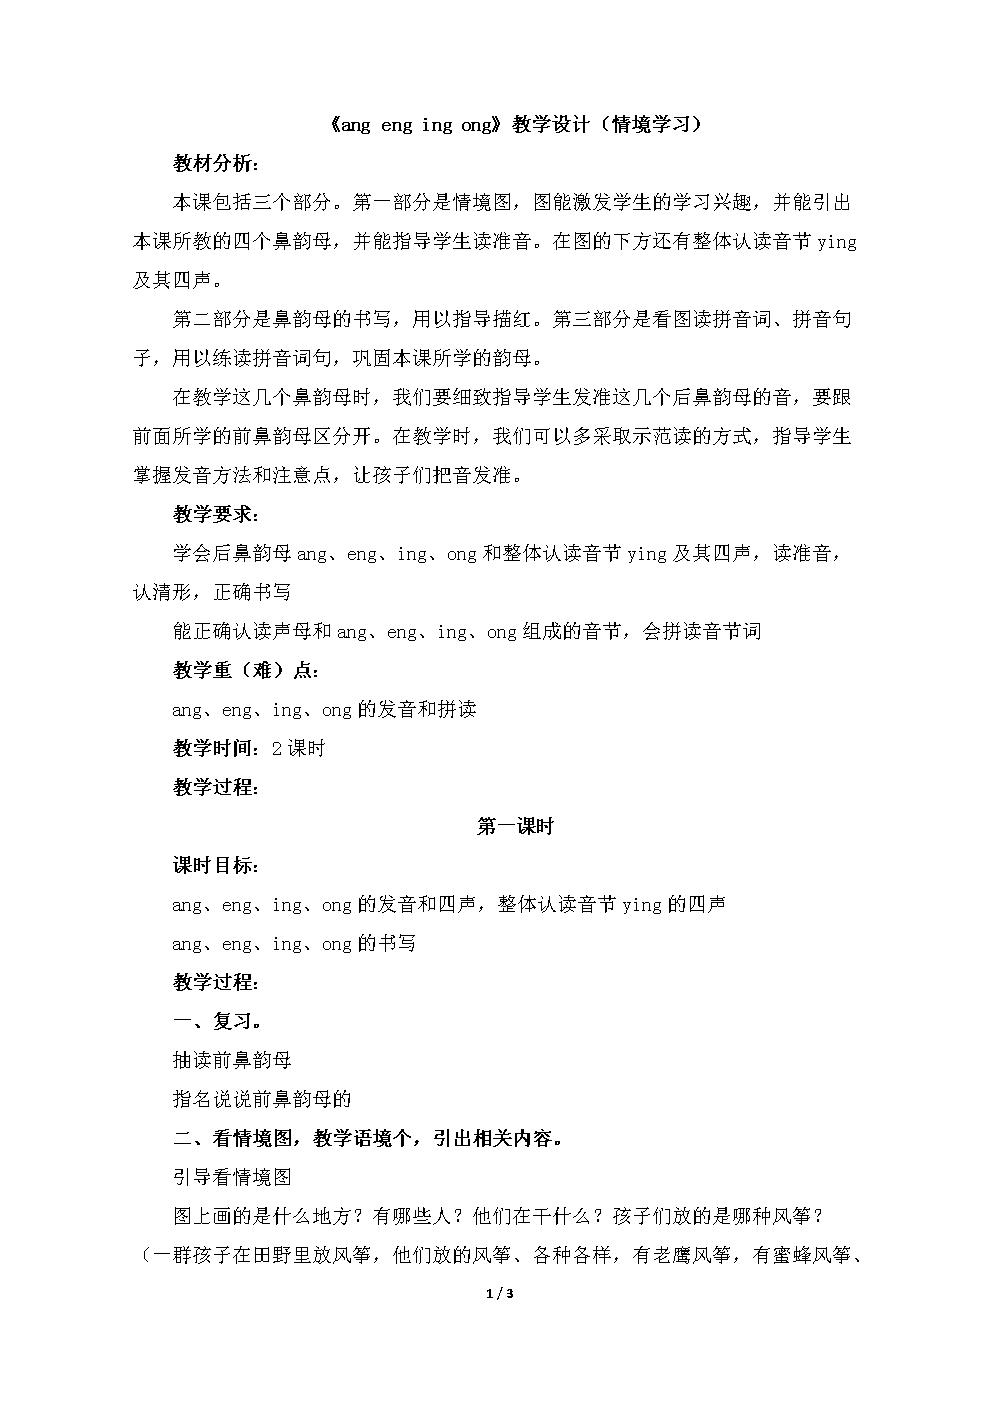 小学一年级语文上册《ang_eng_ing_ong》教学设计(情境学习)(苏教版).doc